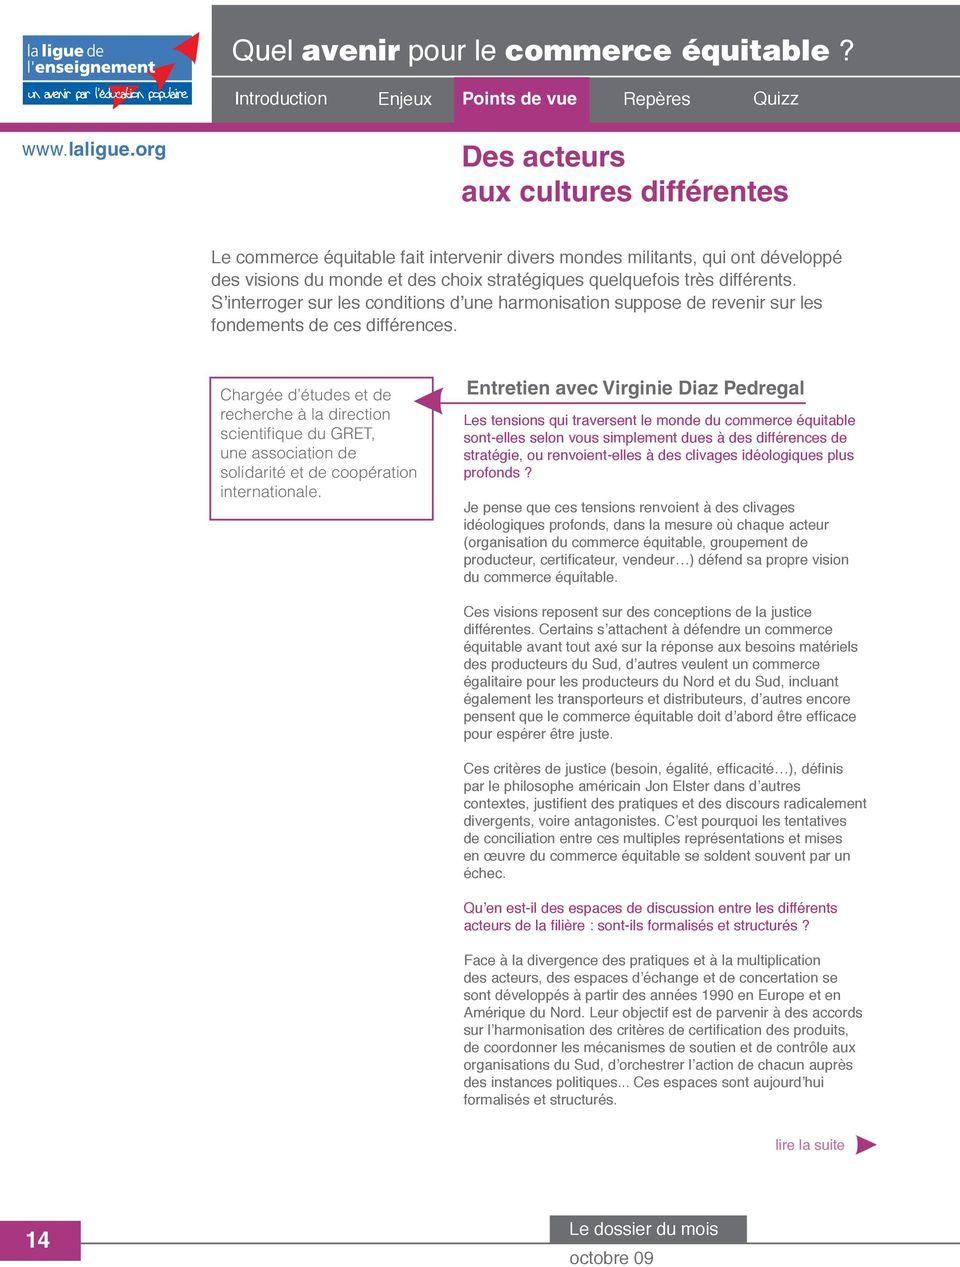 Quel avenir pour le commerce équitable? - PDF